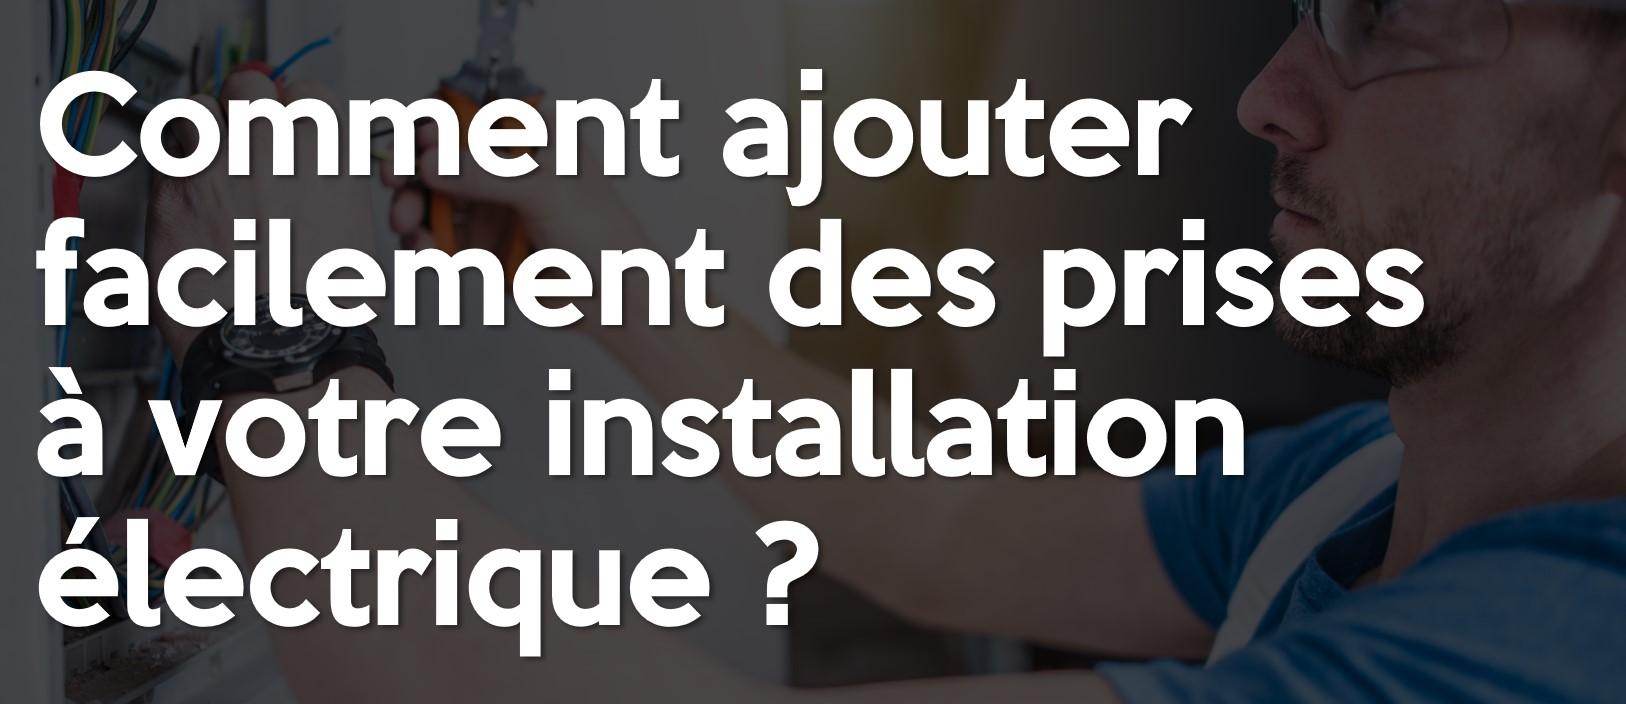 Comment ajouter facilement des prises à votre installation électrique ?